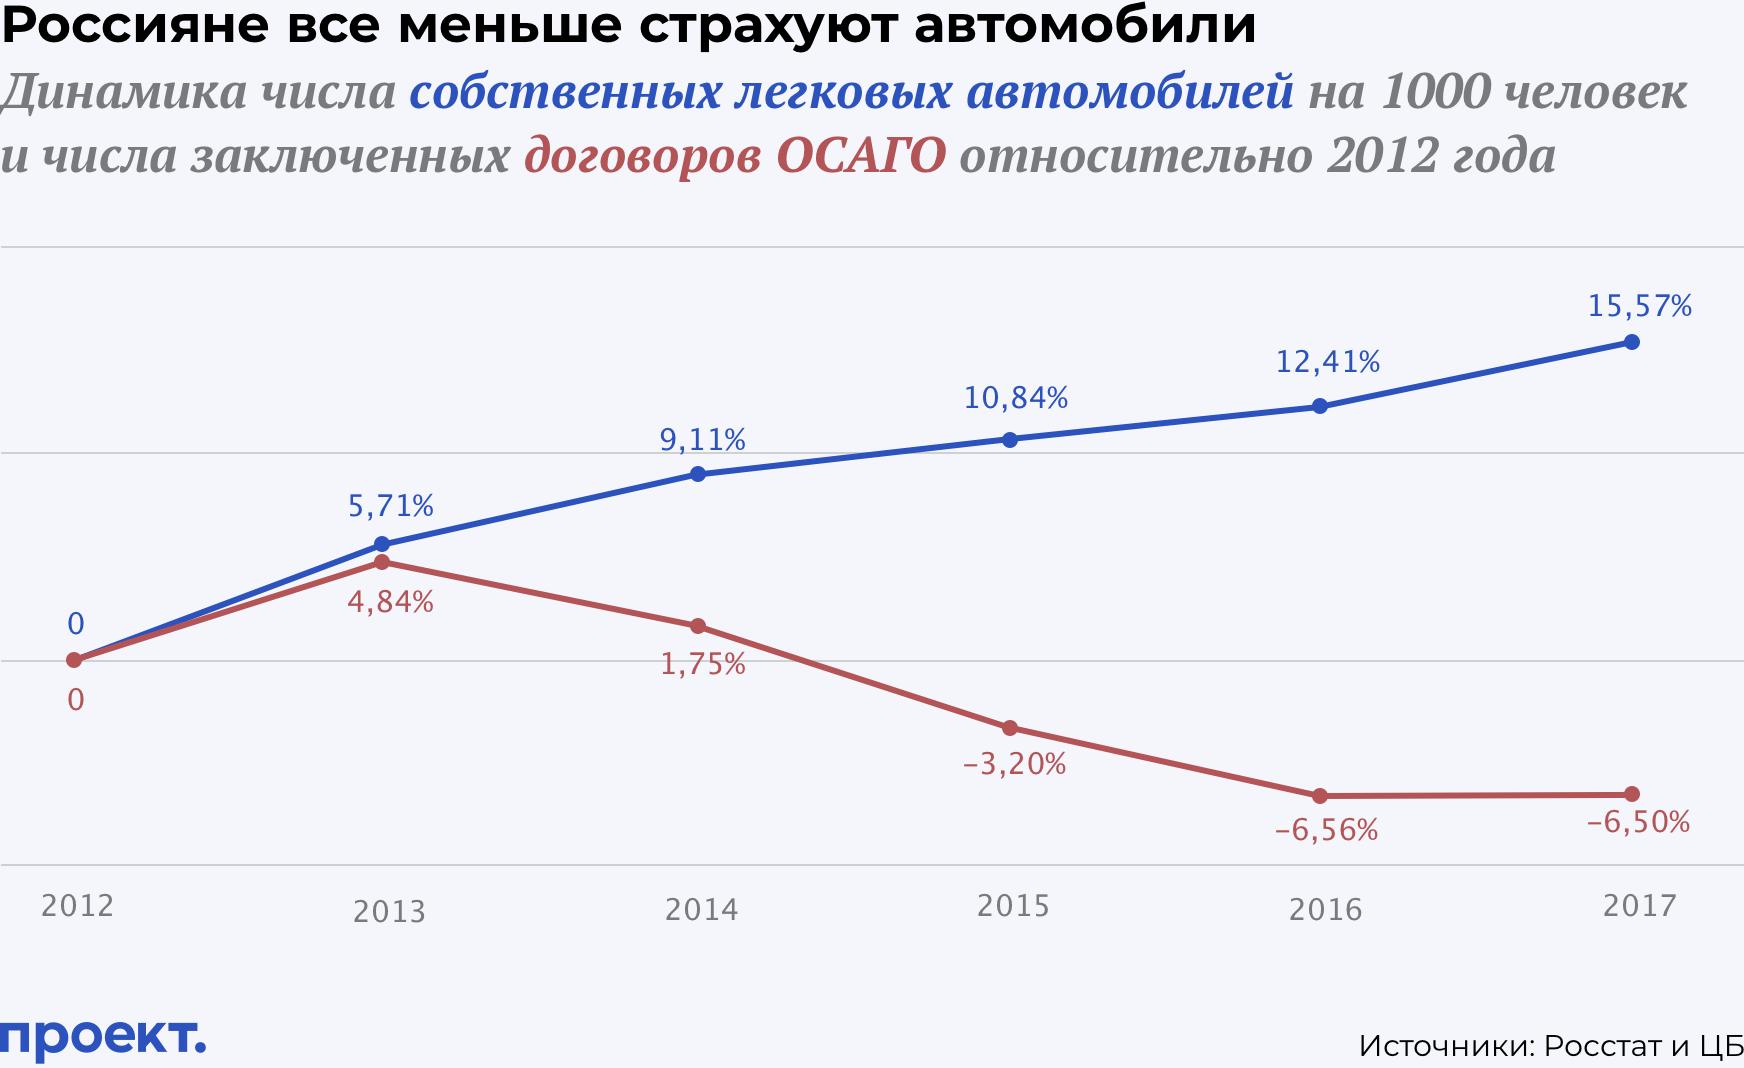 Автомобиль есть у каждого третьего россиянина, а полис ОСАГО только у каждого четвертого